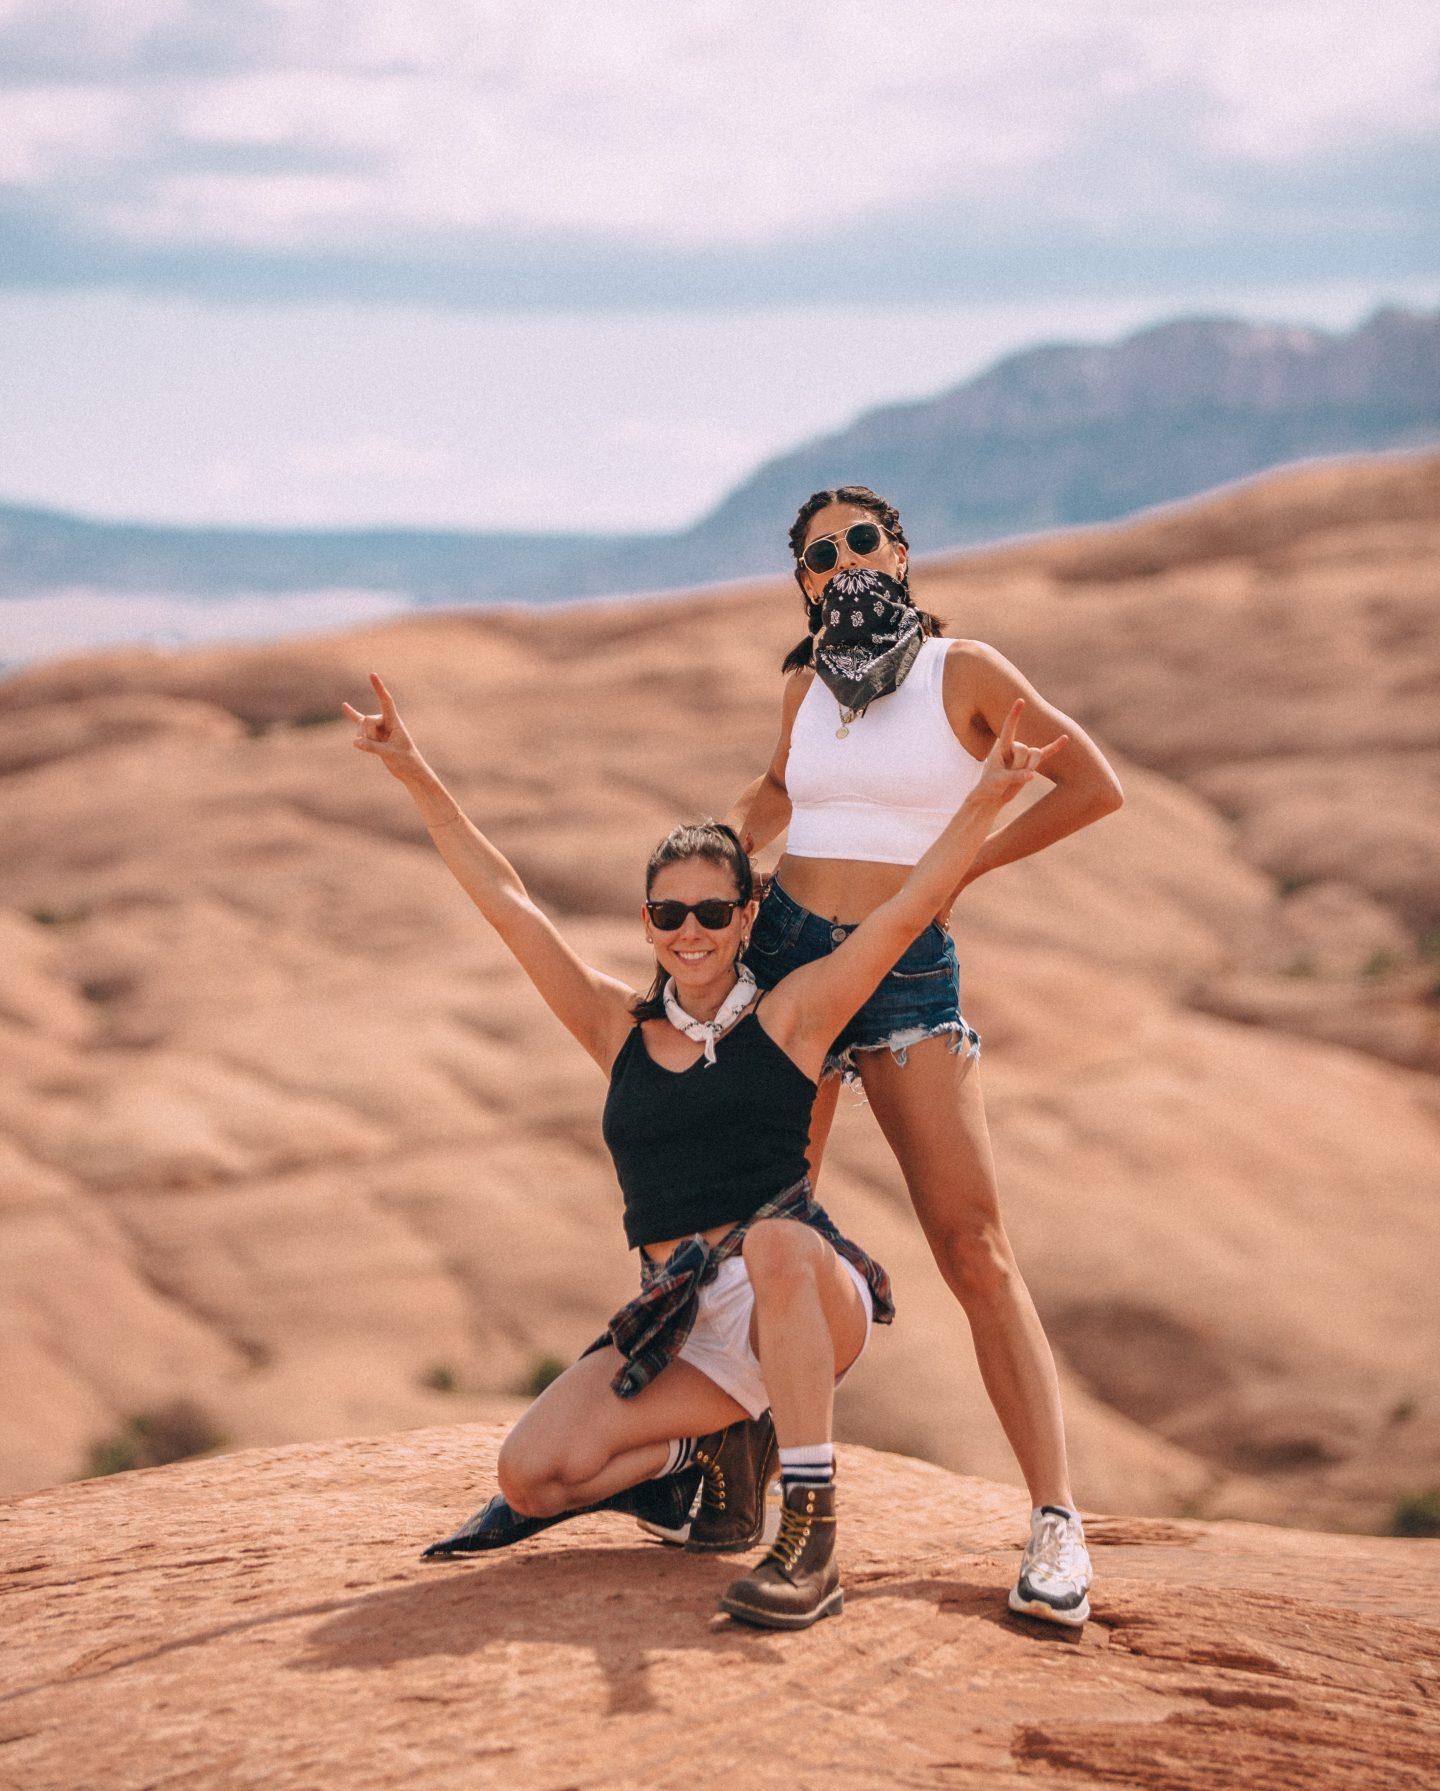 Hell's Revenge off road trail in Moab, Utah